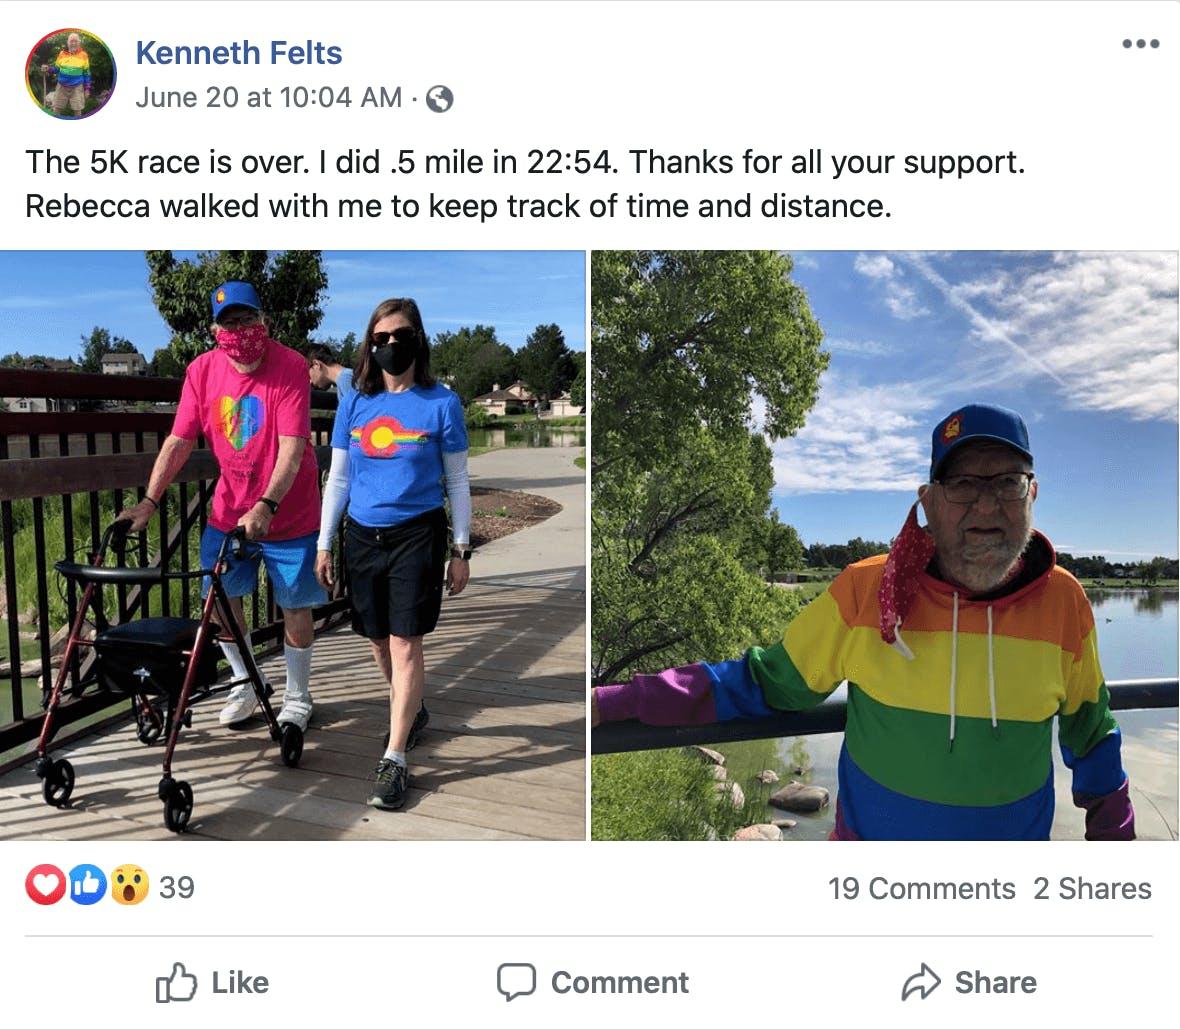 Kenneth Felts